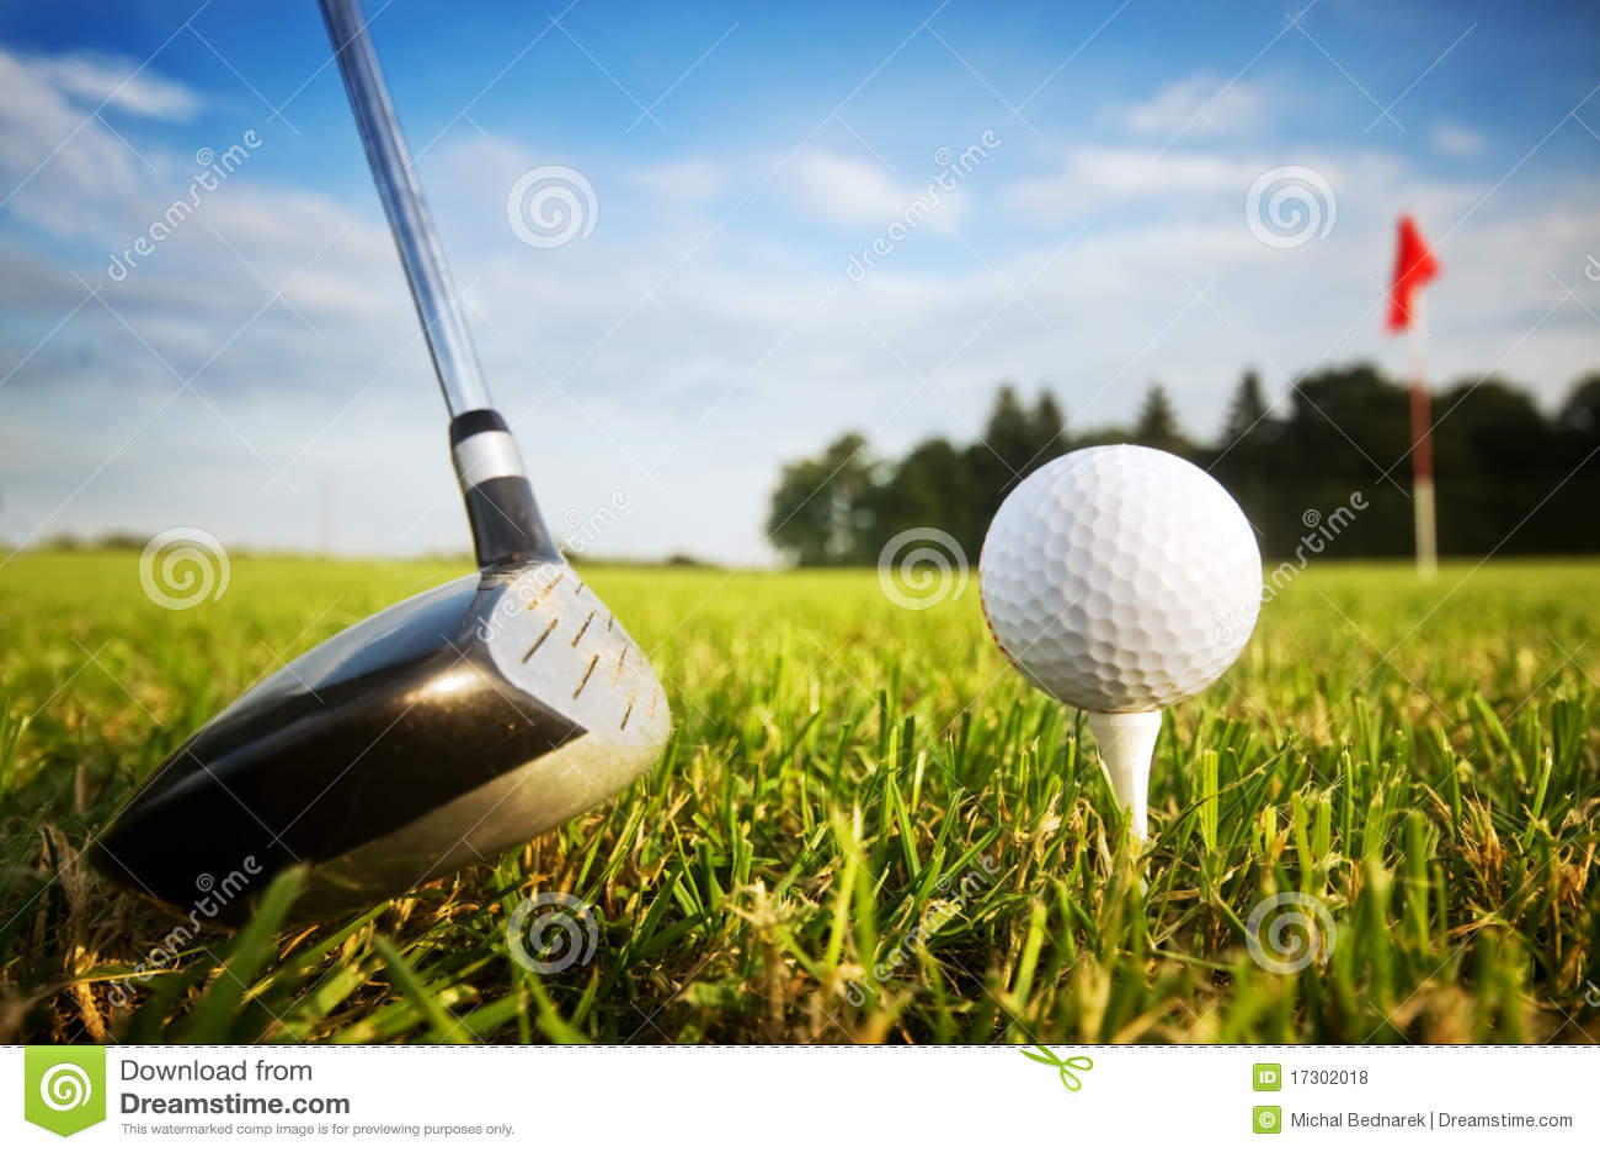 Speel golf. Club en bal op T-stuk